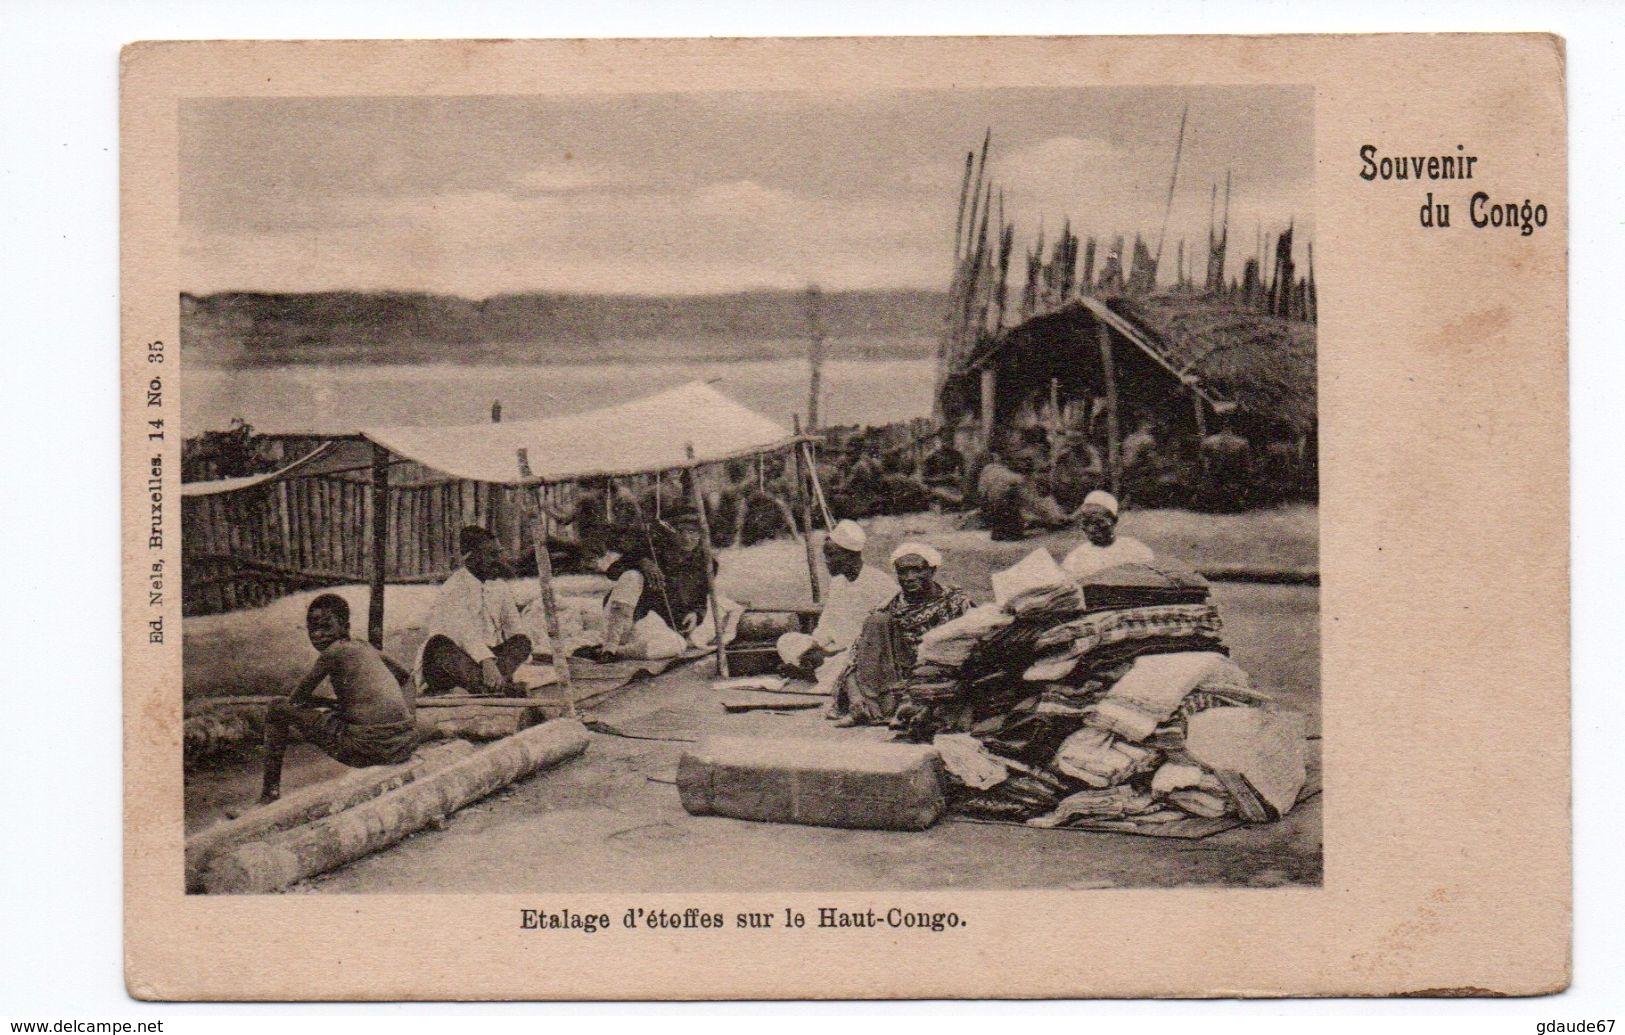 ETALAGE D'ETOFFES SUR LE HAUT CONGO - Congo - Brazzaville